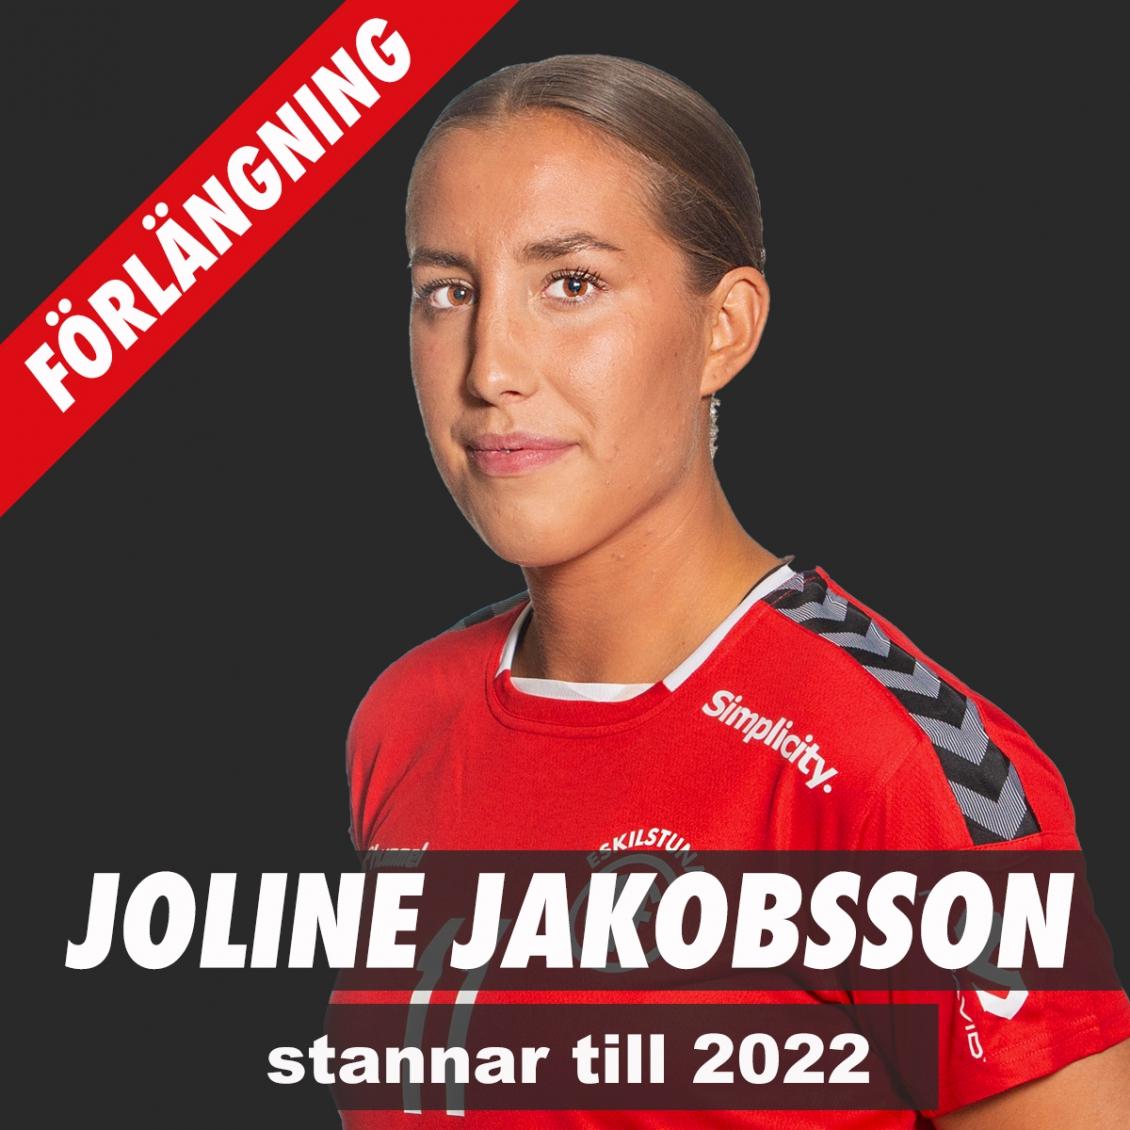 Joline Jakobsson förlänger!